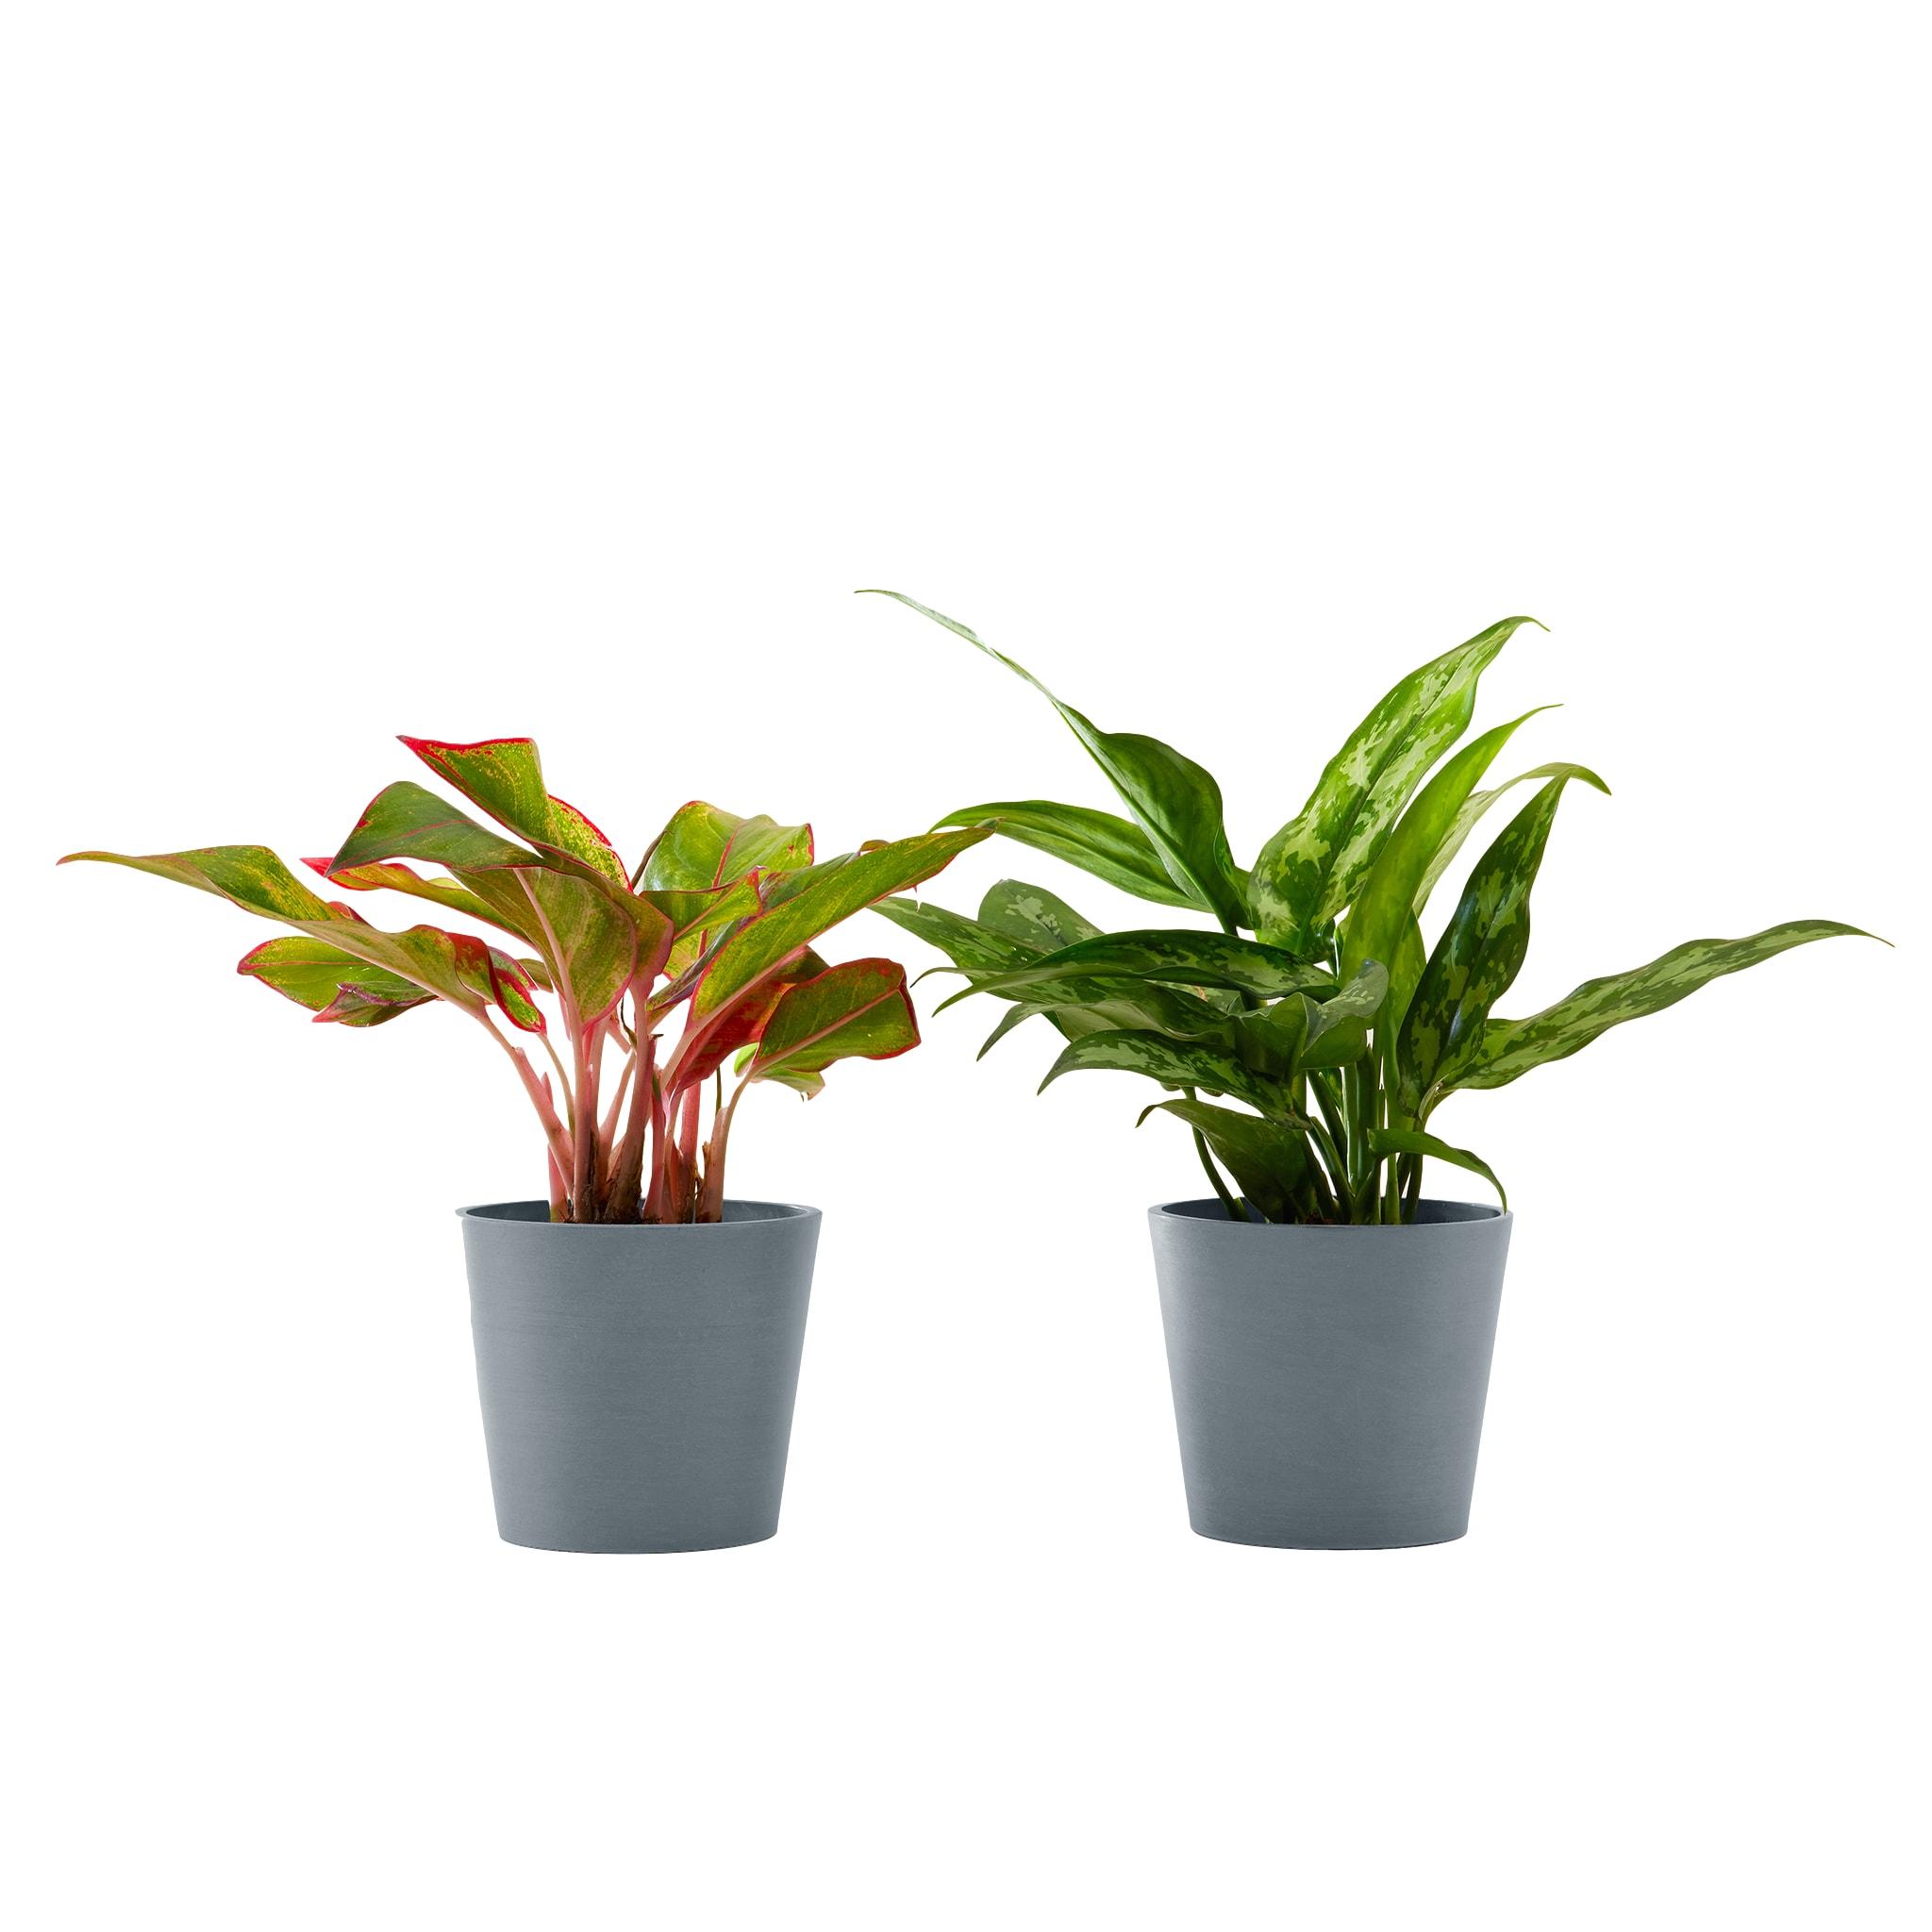 Plante d'intérieur - Duo d'aglaonema 25 cm en pot bleu gris